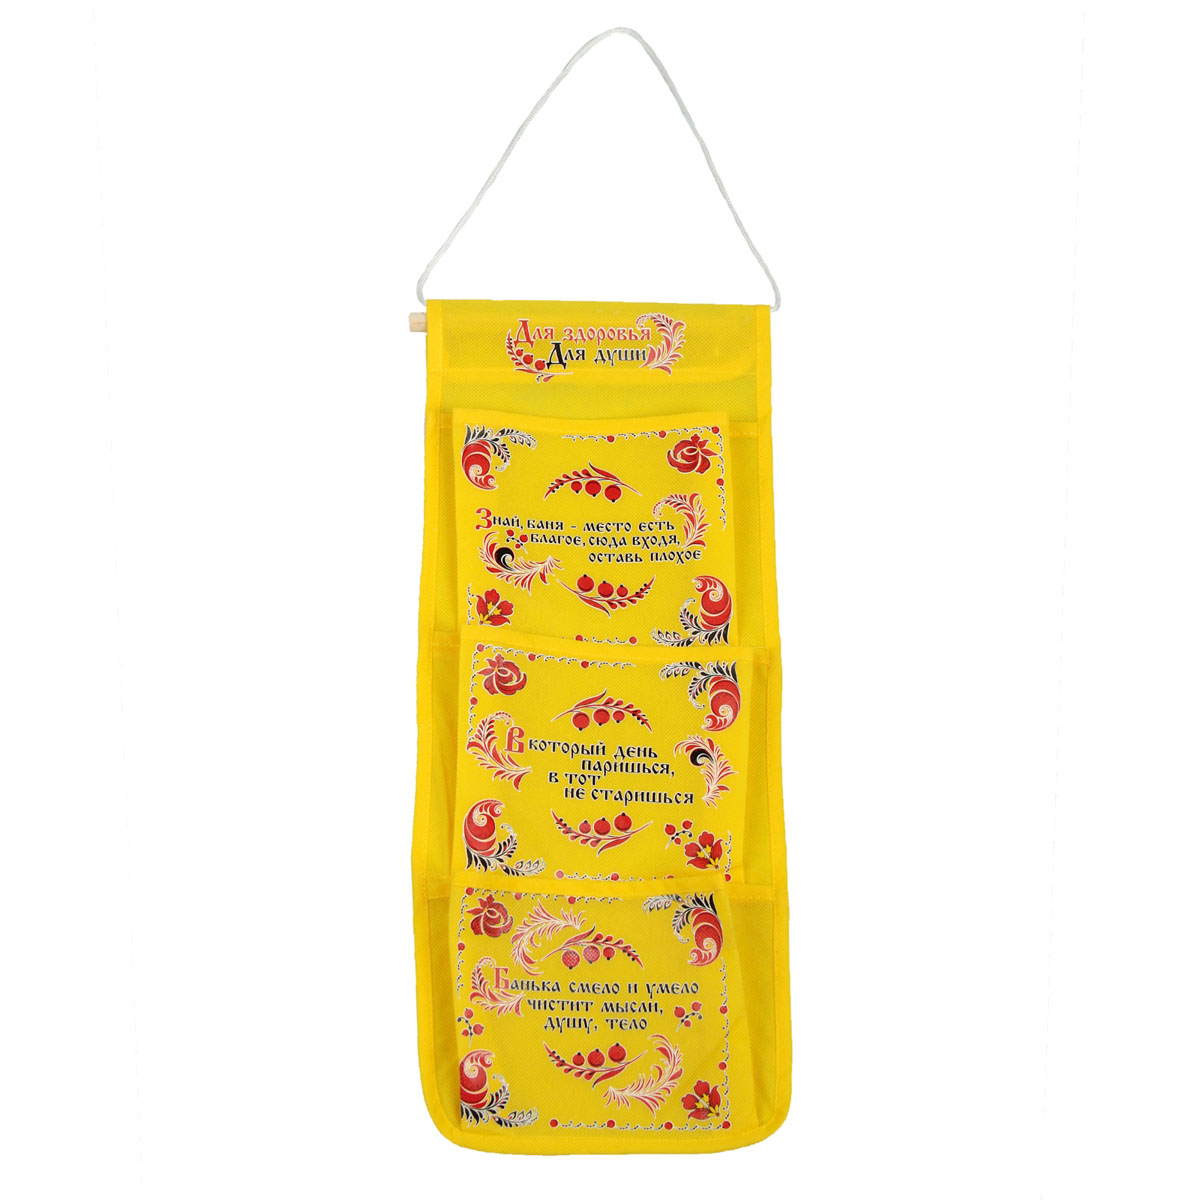 Кармашки на стену для бани Sima-land Для здоровья, для души, цвет: желтый, 3 шт866552Кармашки на стену Sima-land Для здоровья, для души, изготовленные из текстиля, предназначены для хранения необходимых вещей, множества мелочей в бане или ванной комнате. Изделие представляет собой текстильное полотно с тремя пришитыми кармашками. Благодаря деревянной планке и шнурку, кармашки можно подвесить на стену или дверь в необходимом для вас месте.Кармашки декорированы надписями с пословицами про баню.Этот нужный предмет может стать одновременно и декоративным элементом бани или ванной комнаты.